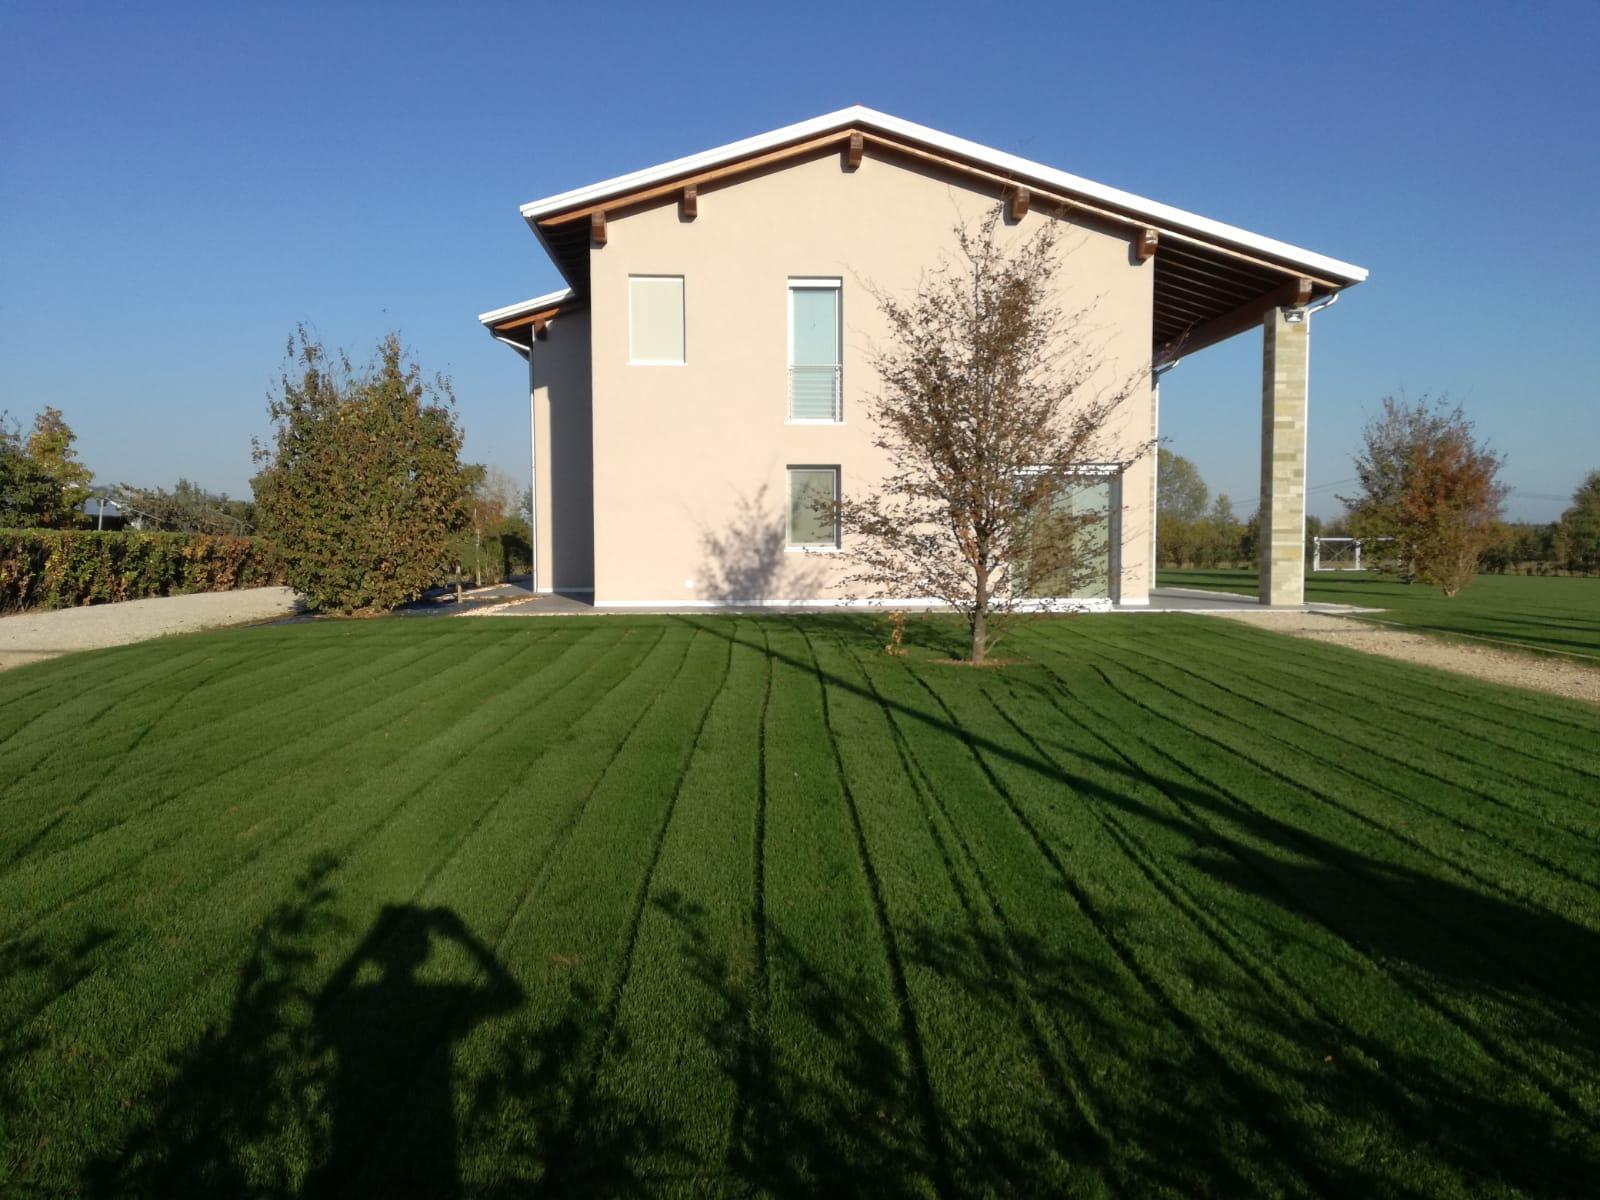 progettazione realizzazione giardini villaverla - verde blu giardini 14